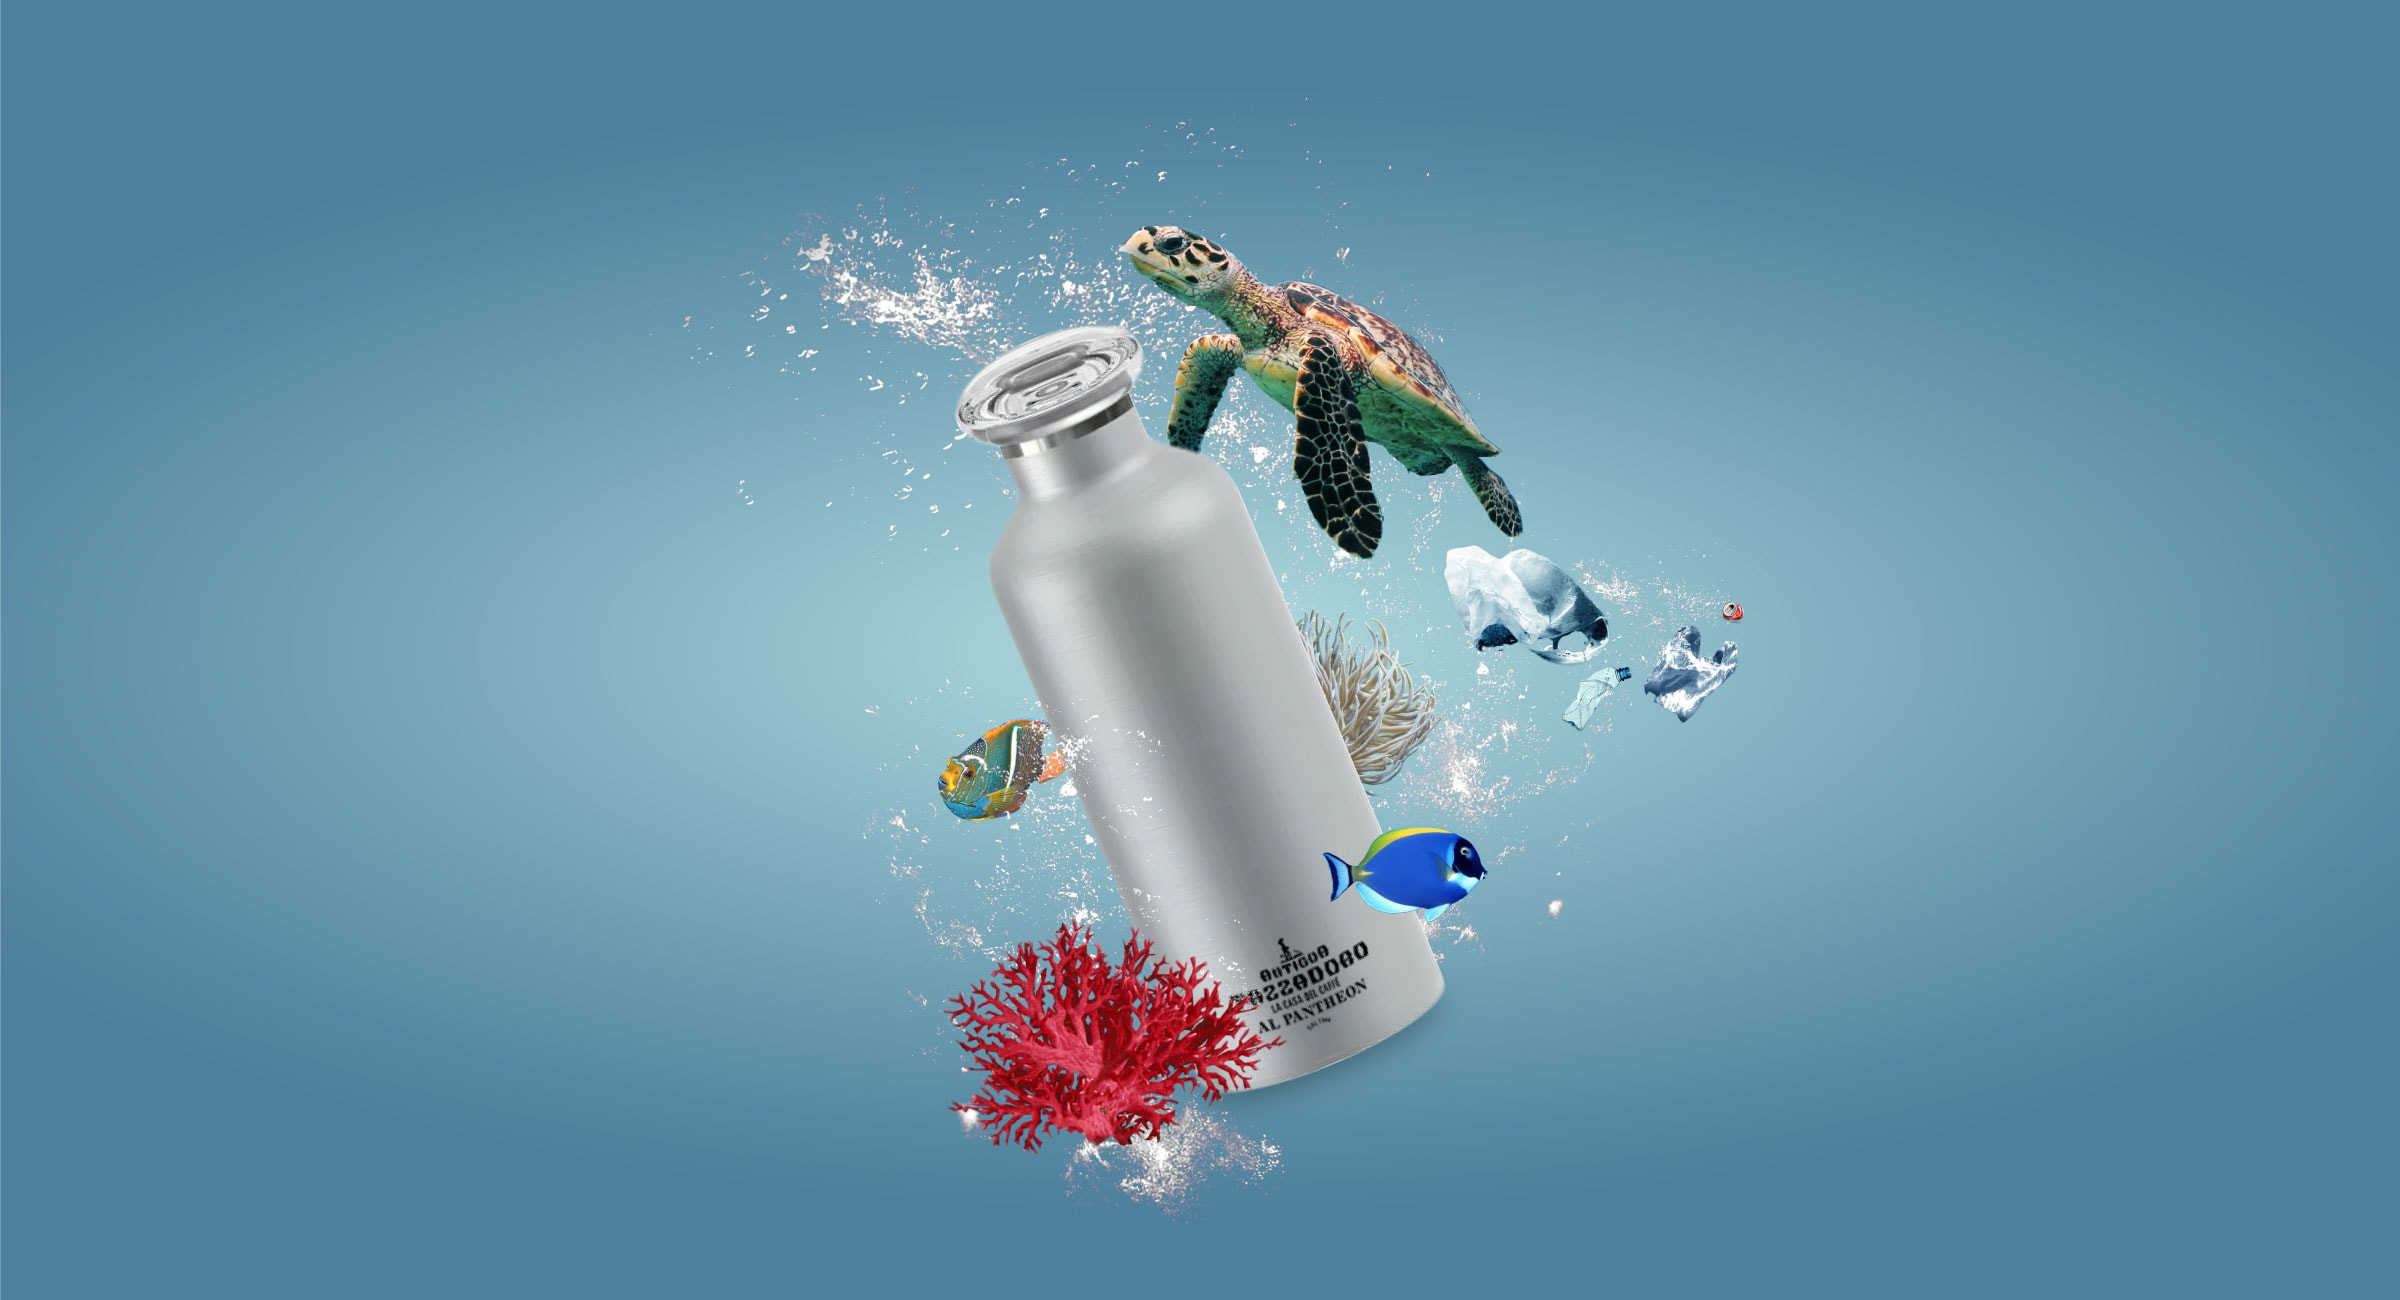 Composizione grafica di una borraccia con bolle d'acqua, una tartaruga, sacche di plastica e pesci.